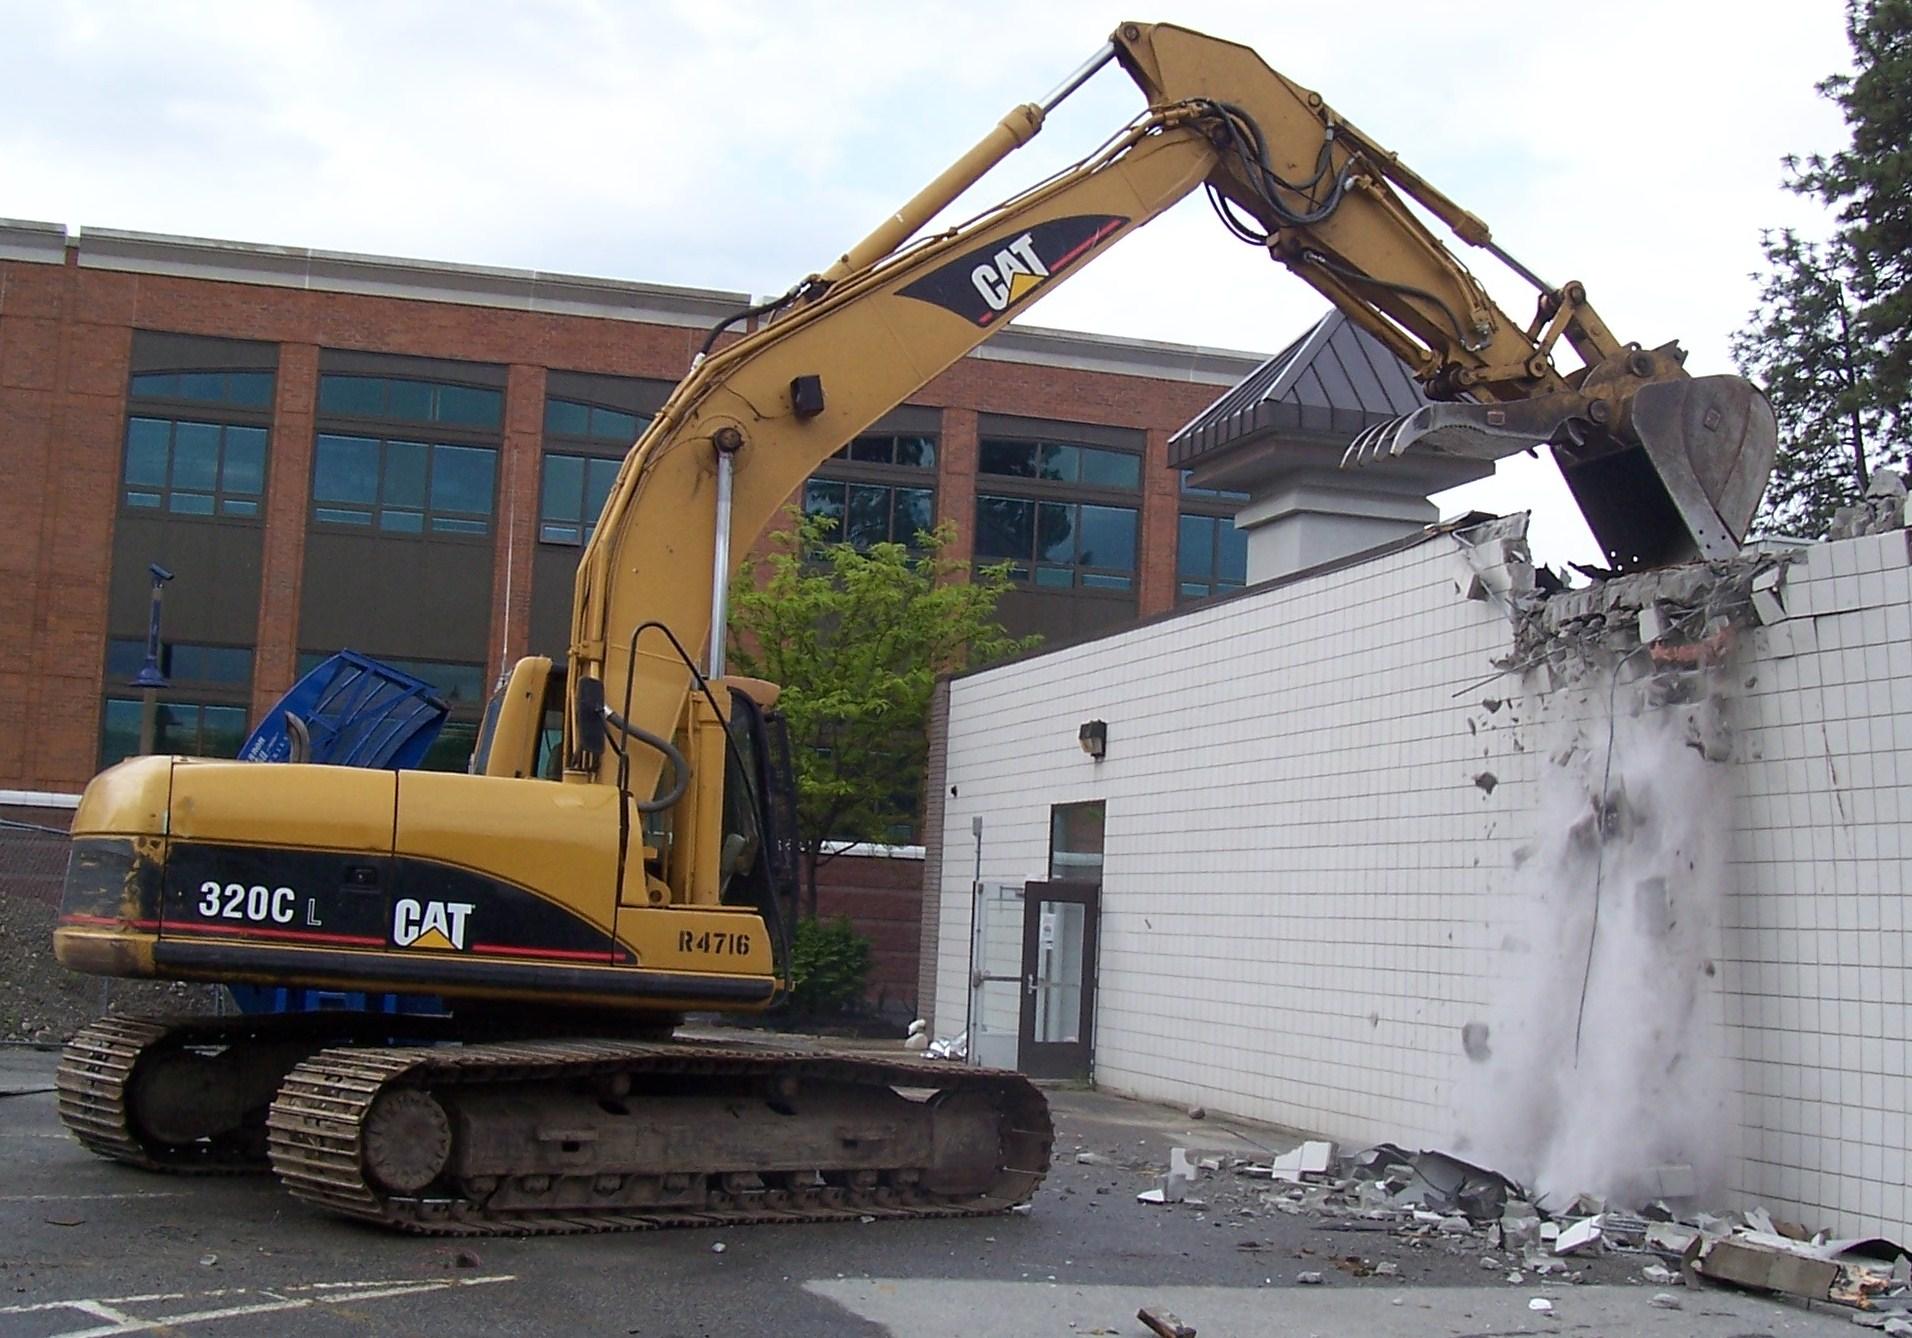 Small Demolition Project : Demolition services aintree scrap metal liverpool no